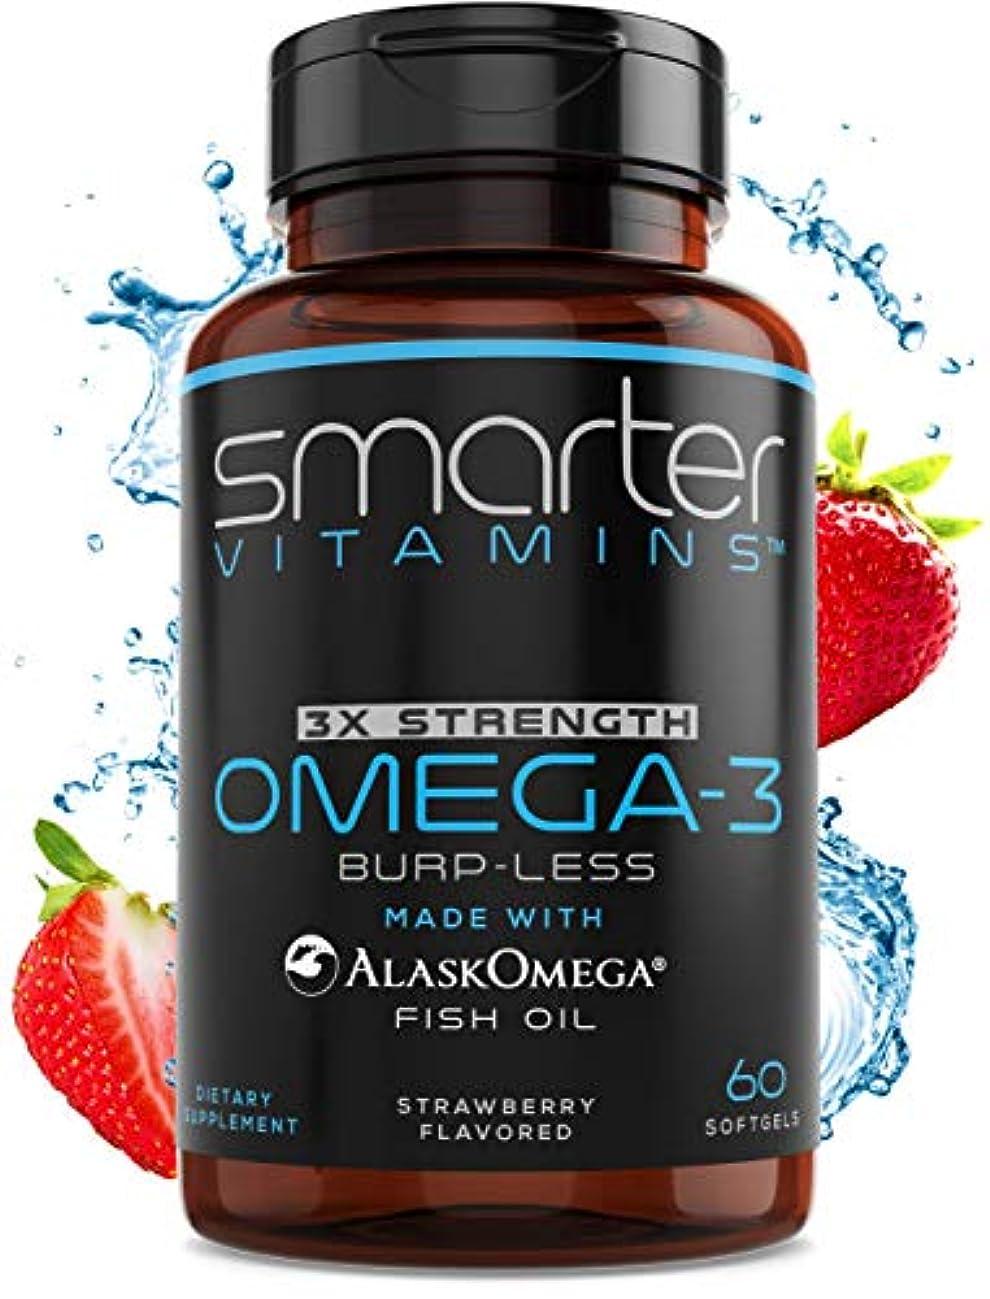 財産誰か読みやすさSmarterVitamins Omega 3 Fish Oil, Strawberry Flavor, Burpless, DHA EPA Triple Strength 60粒